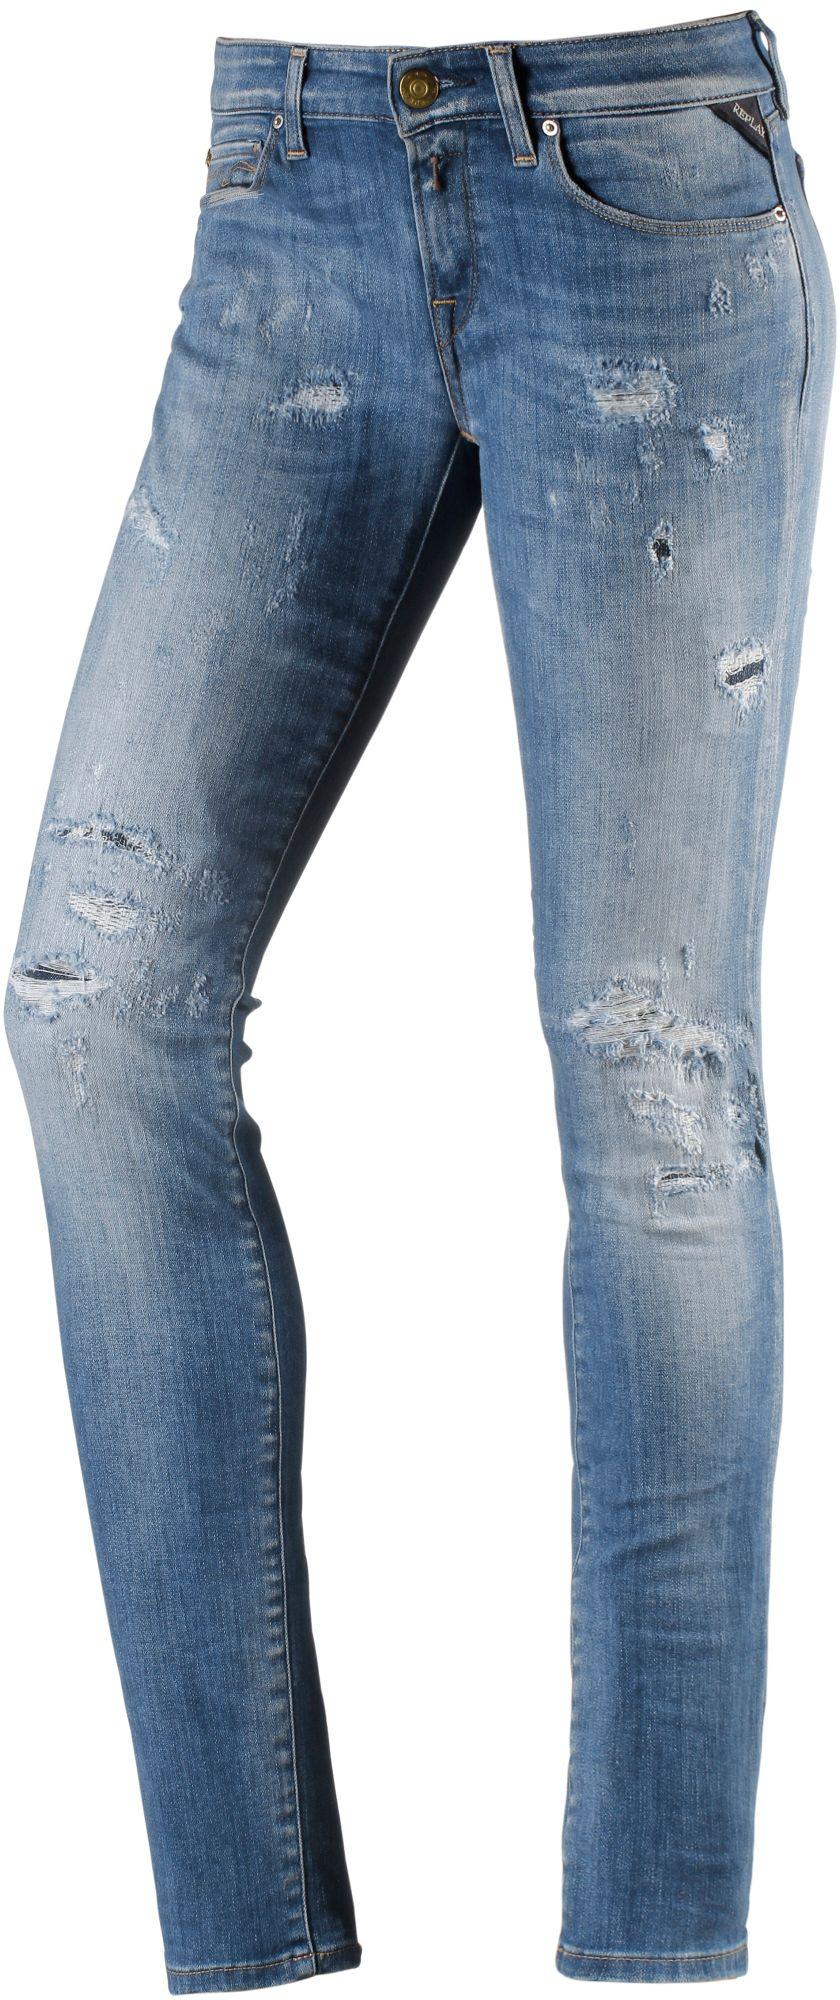 Rose Skinny Fit Jeans Damen in destroyed blue denim, Größe 28 / 34